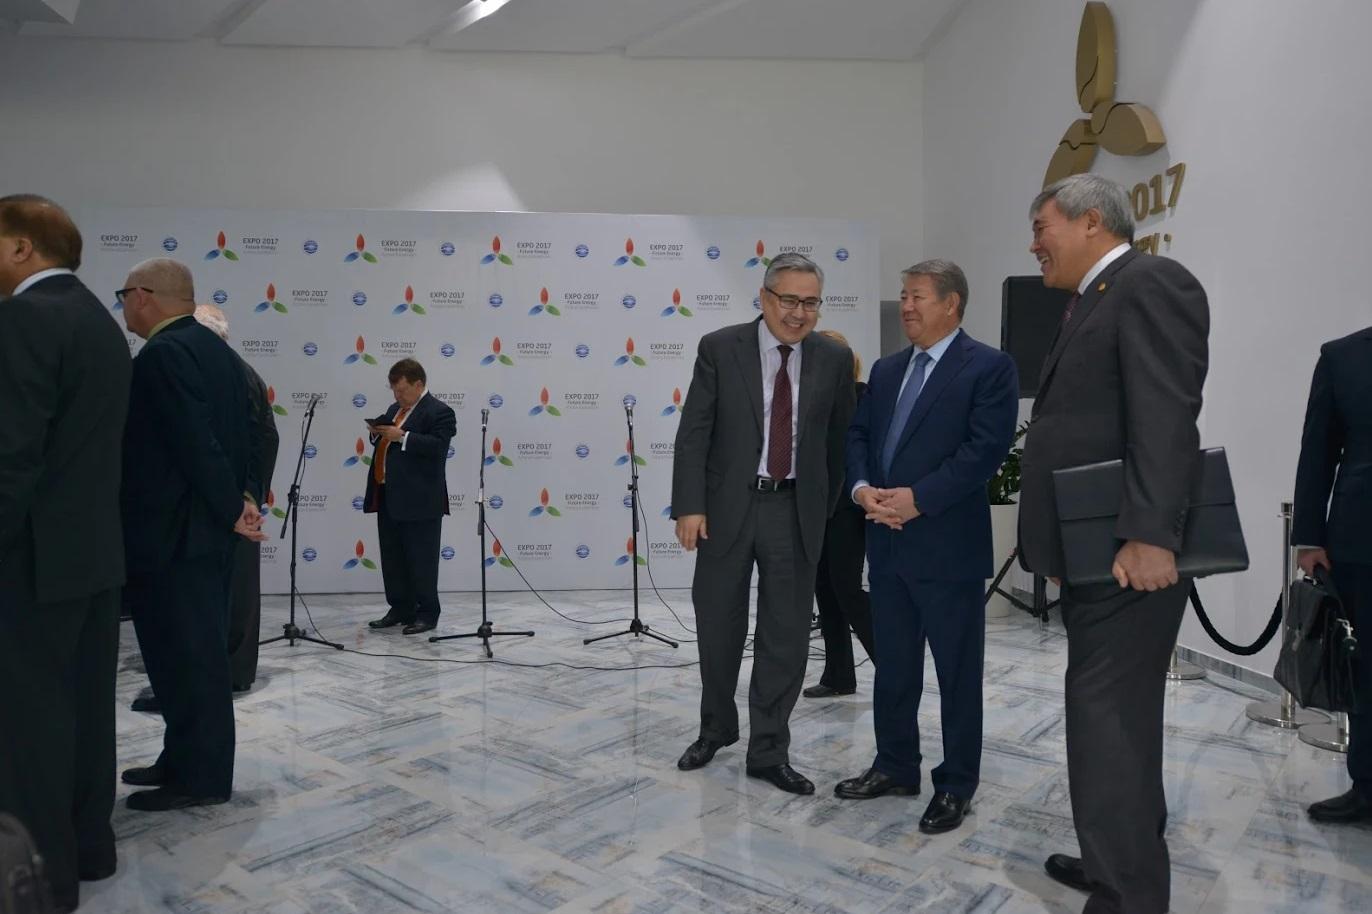 Ахметжан Есимов: участникам ЭКСПО необходимо сдать проекты экспозиций павильонов